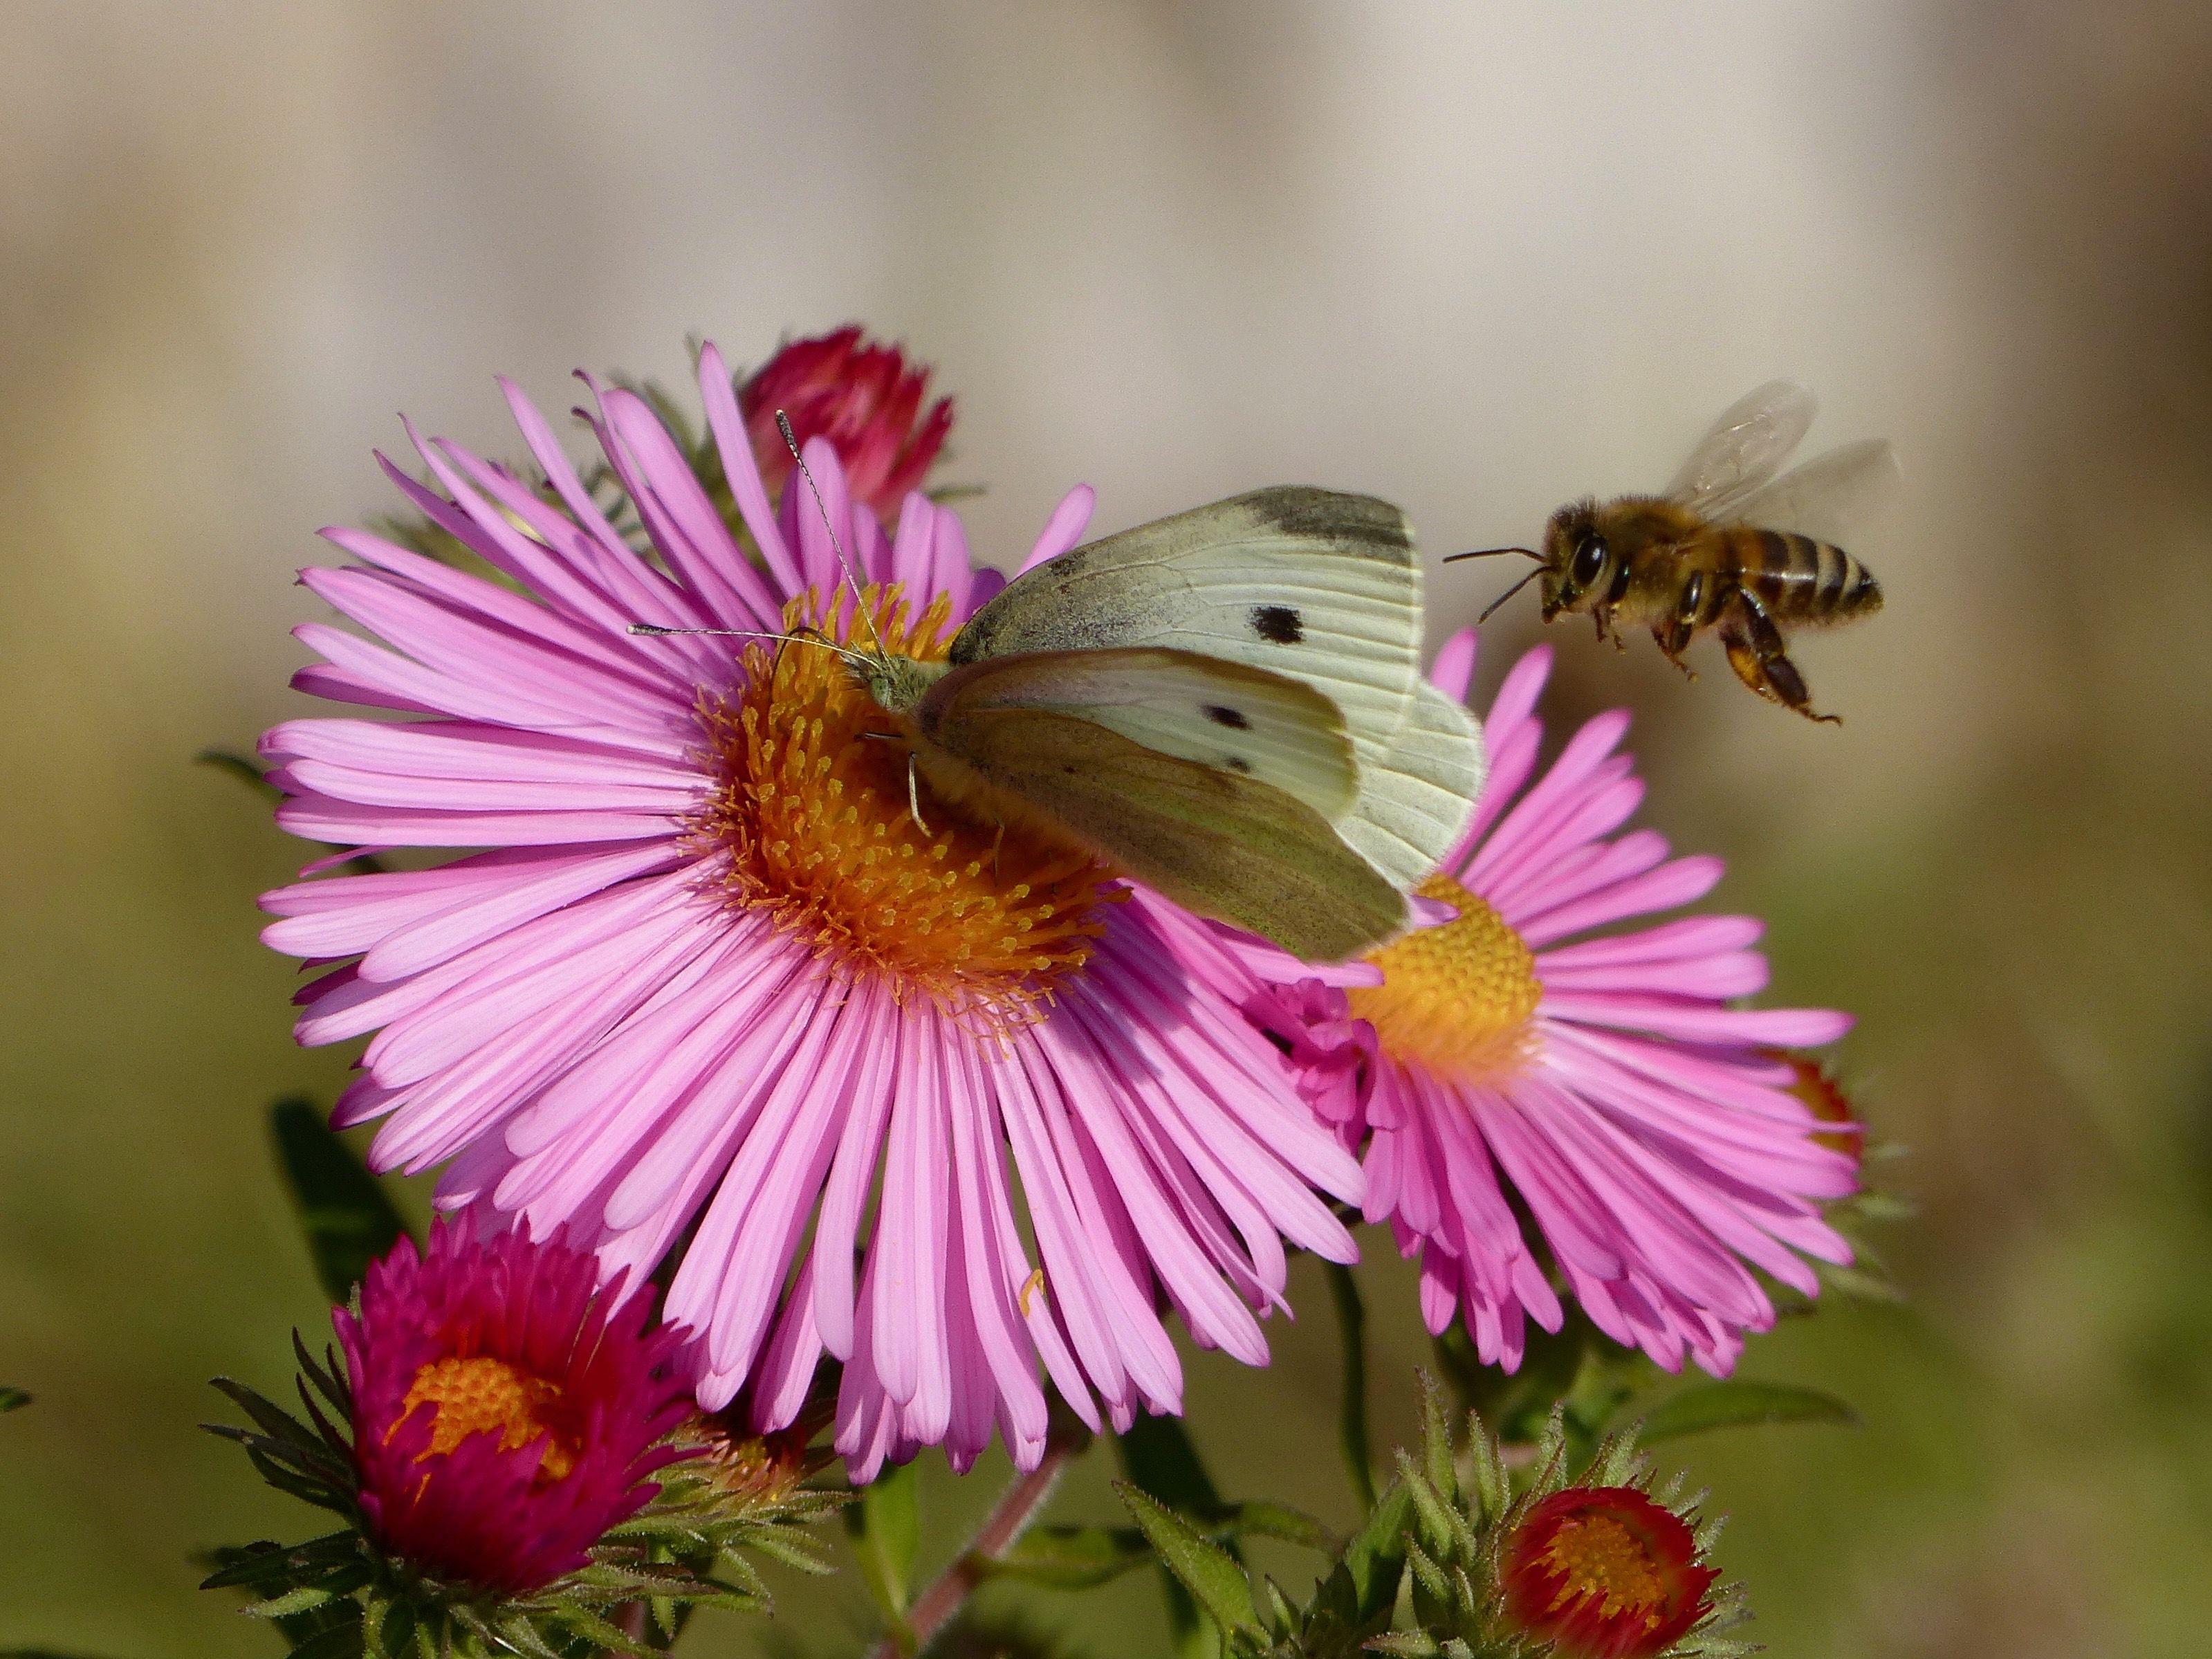 Die Spatbluher Laden Nochmal Ein Herzlich Willkommen Stauden Taglilien Insekten